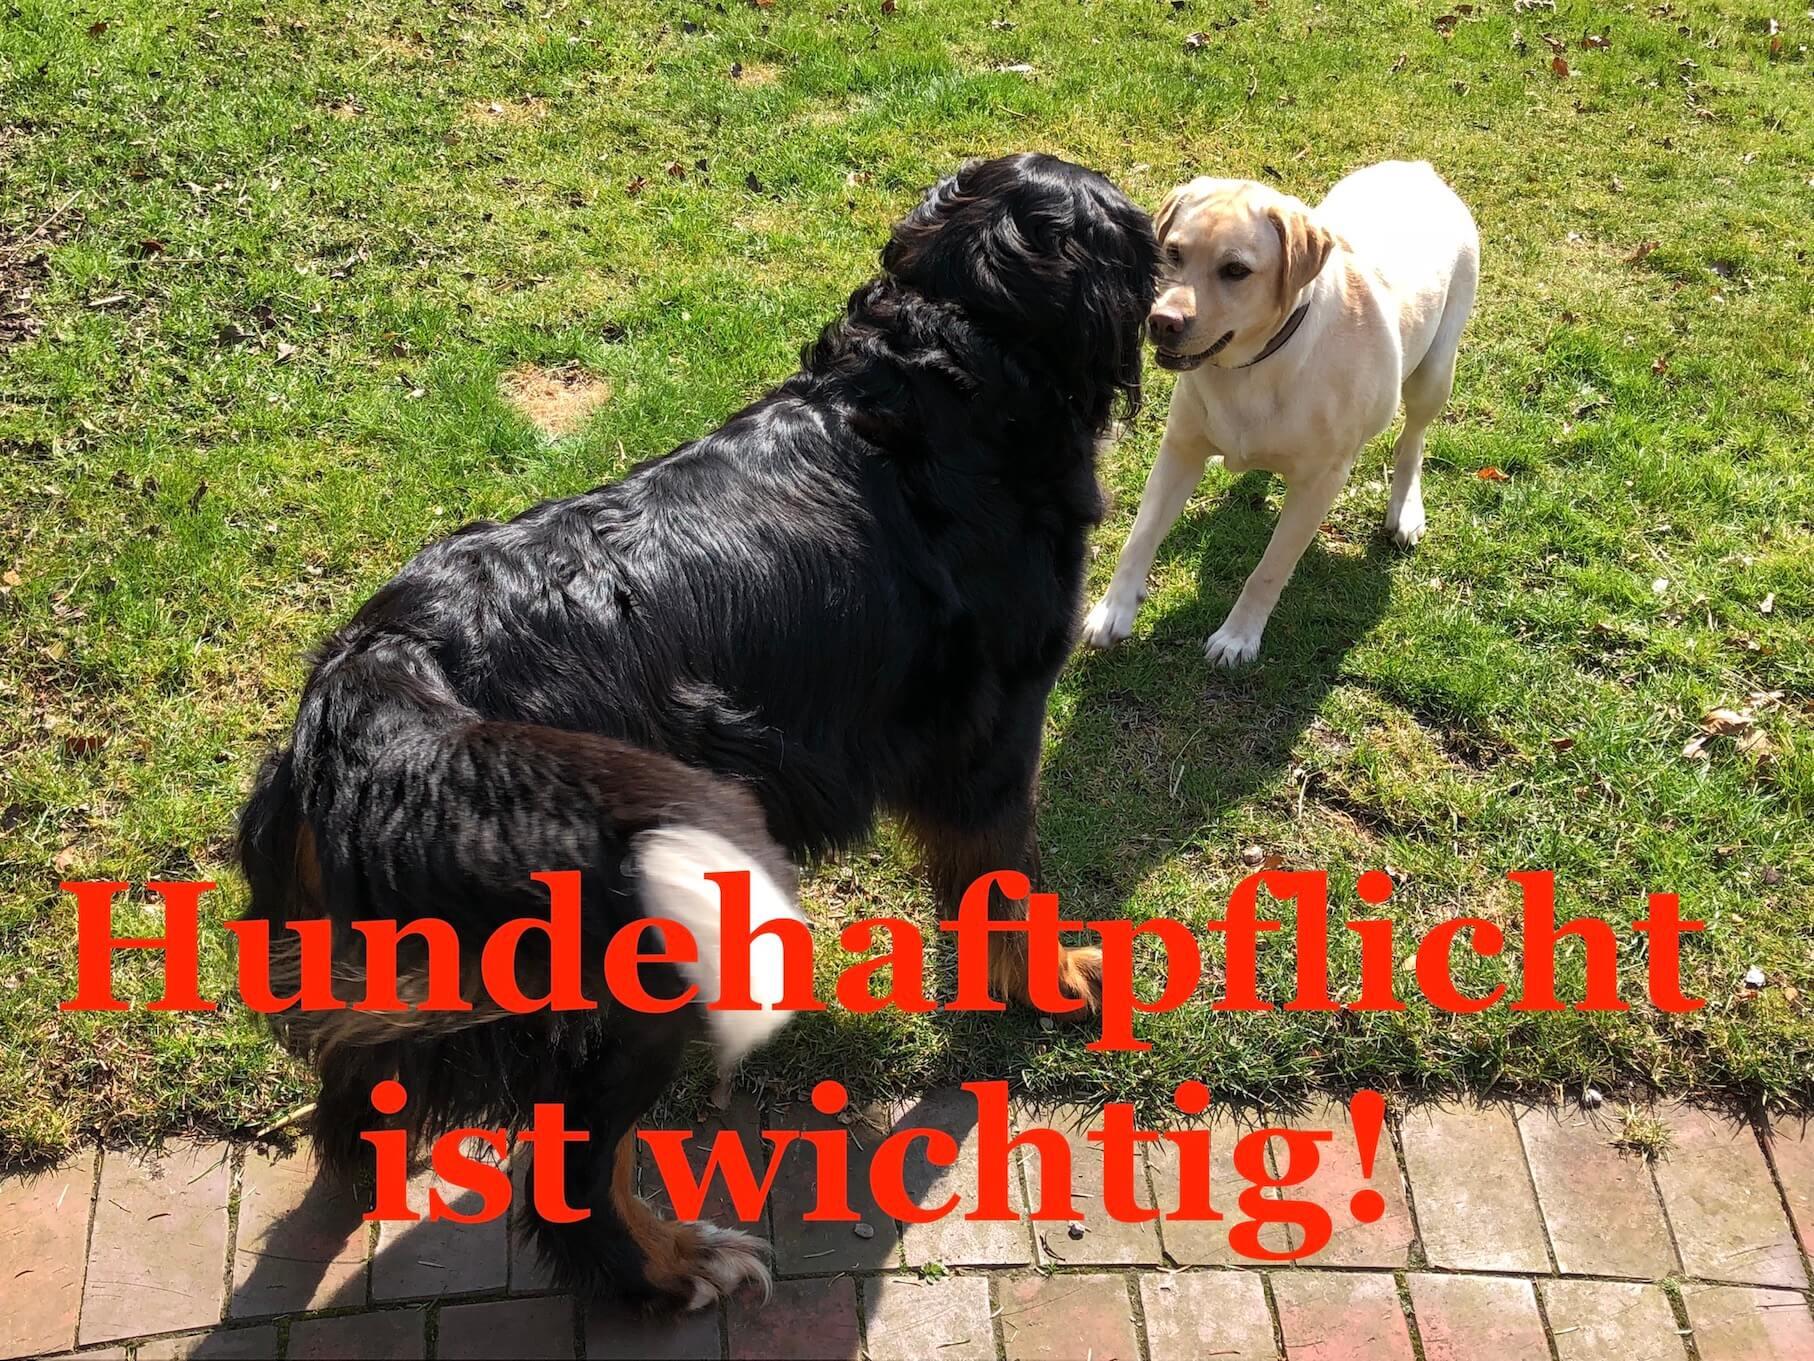 3 Fragen die man sich stellen sollte, bevor man auf eine Hundehaftpflicht verzichtet!